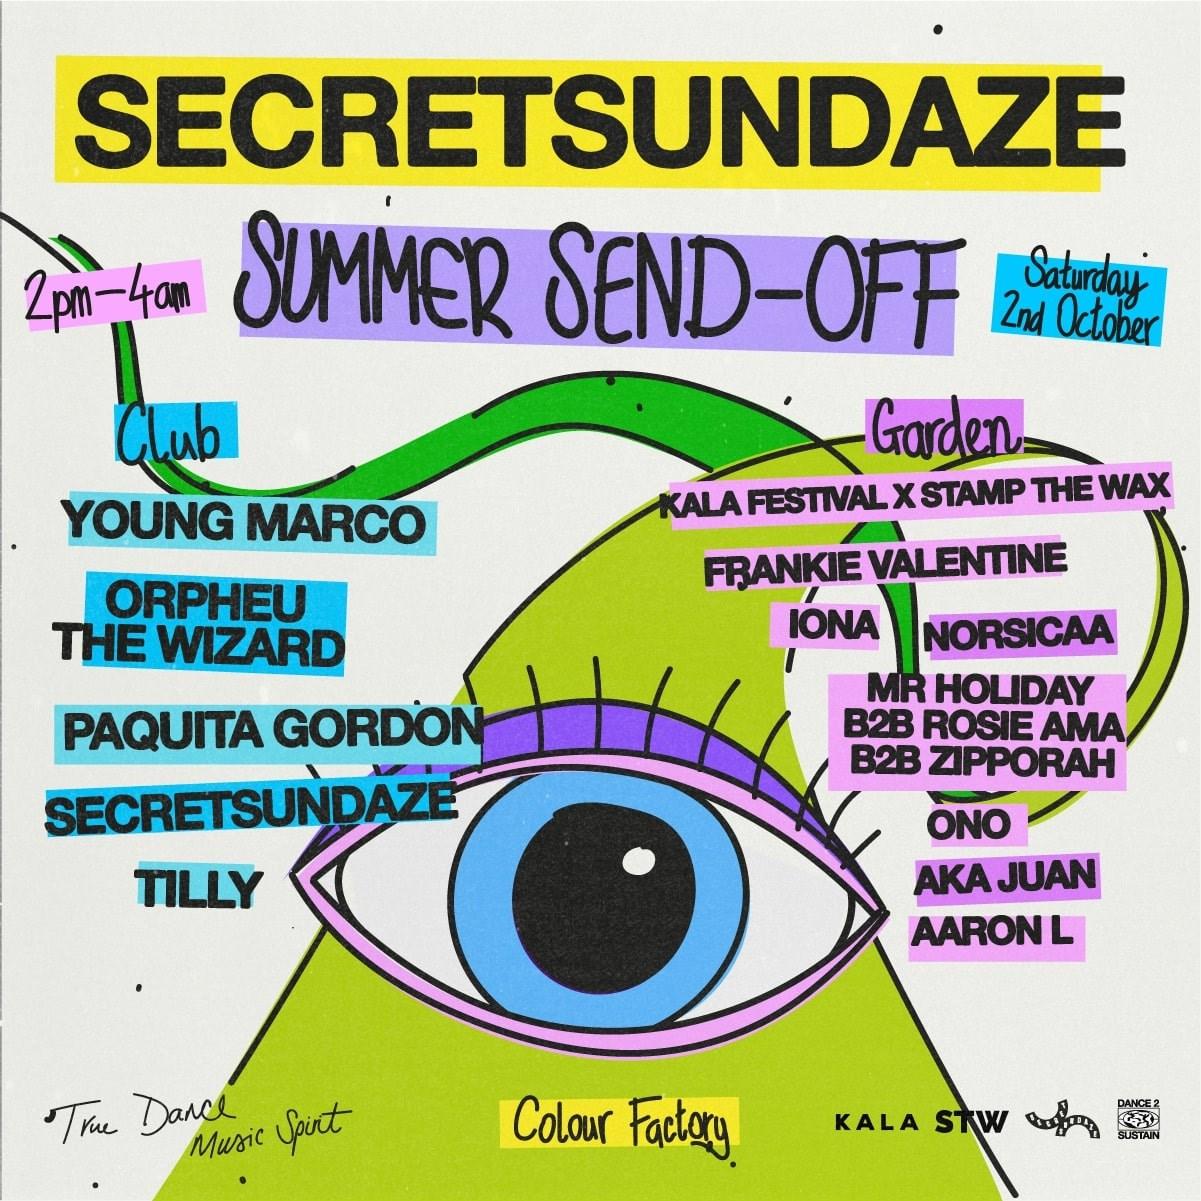 Secretsundaze Summer Send-Off - Flyer back